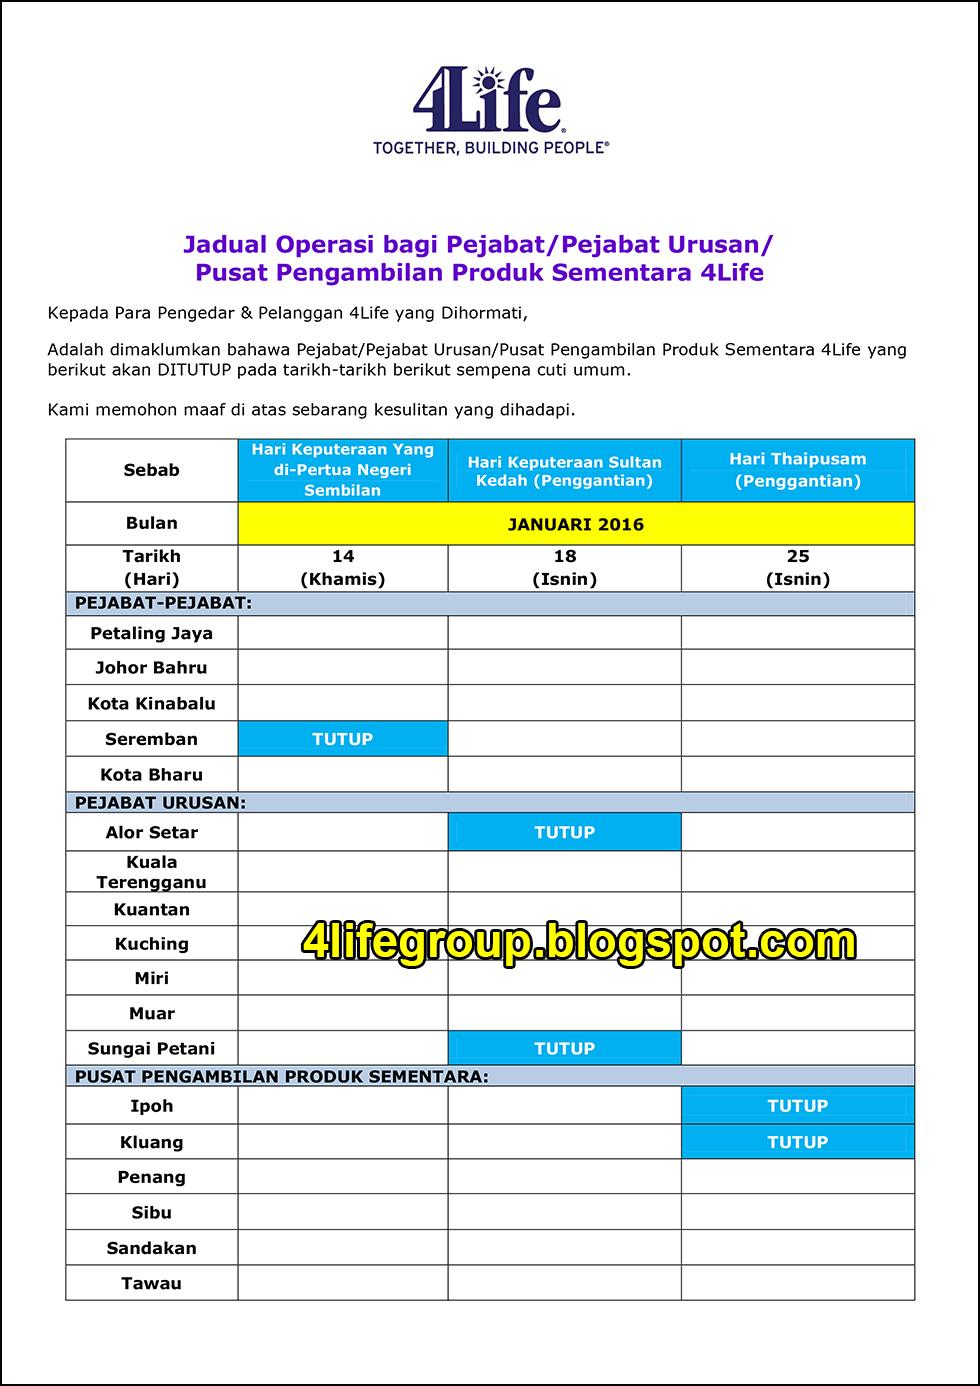 foto Jadual Operasi Bulanan Januari 2016 4Life Malaysia